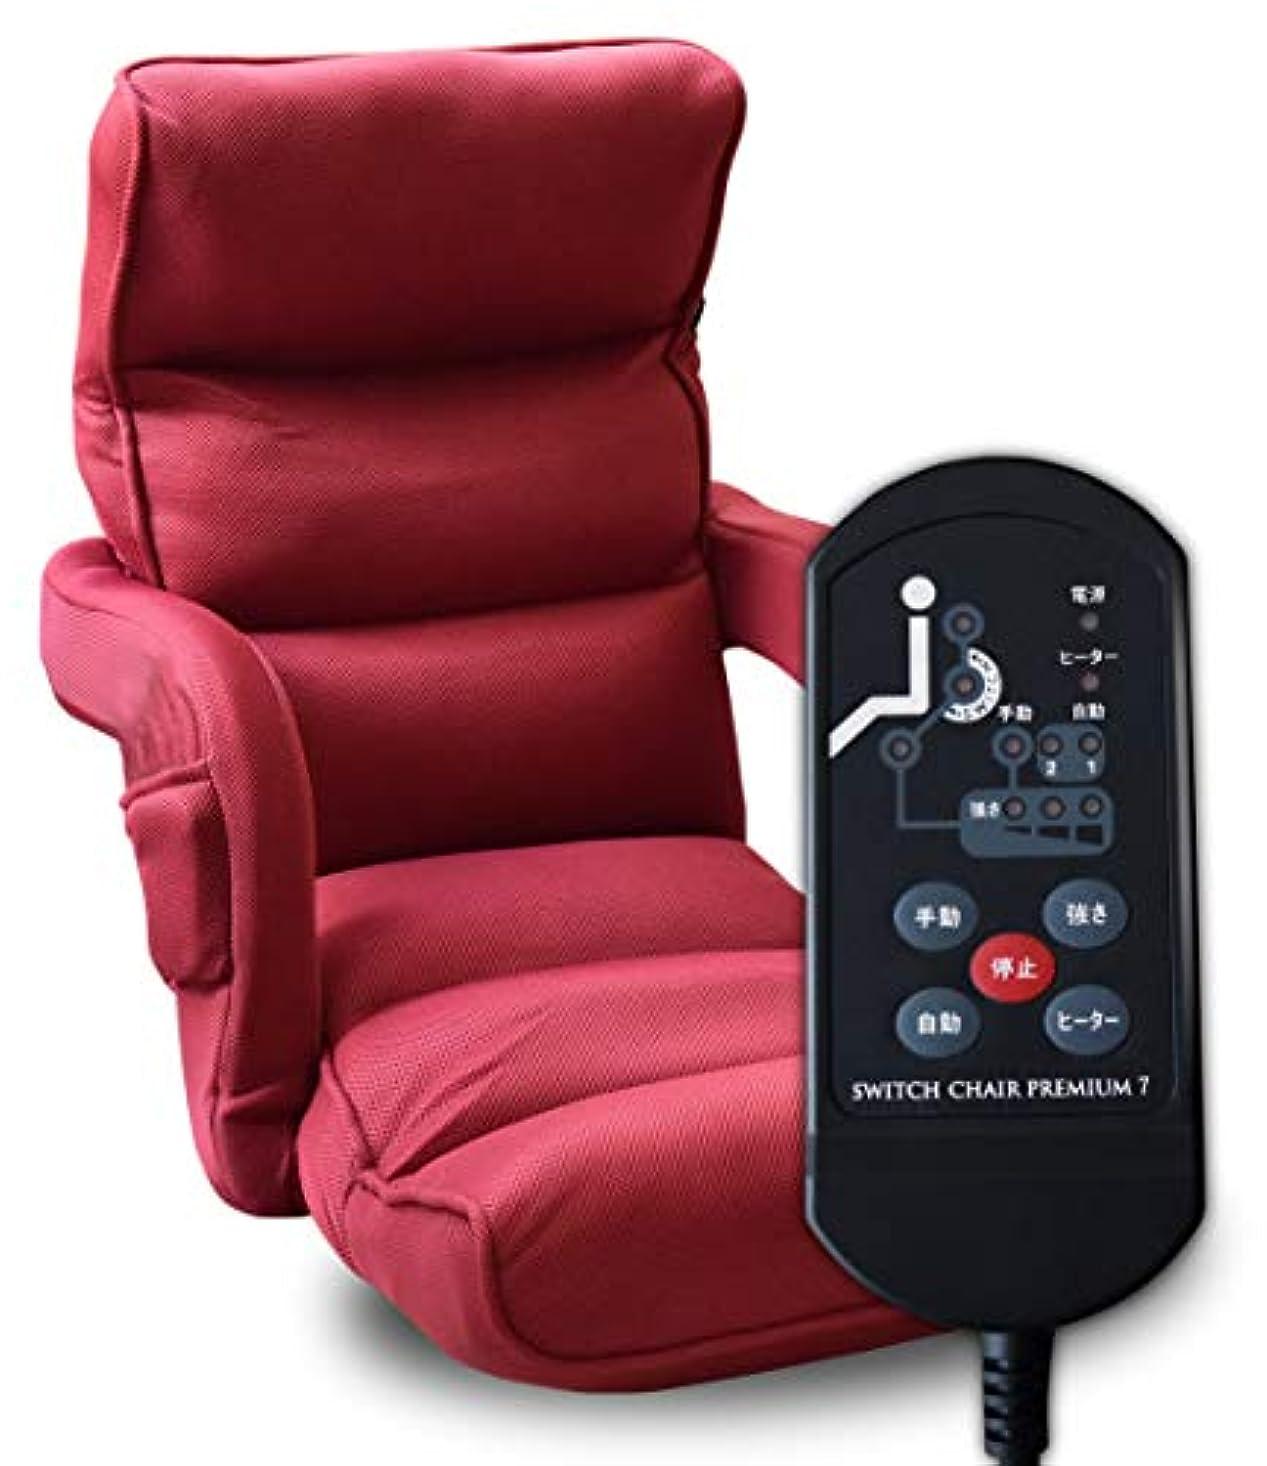 リンク薄いシャツSWITCH CHAIR PREMIUM 7 マッサージ器 マッサージ機 肘掛け付き座椅子 マッサージ ヒーター 首 肩 腰 肩こり 背中 マッサージチェア ビクトリアンローズ